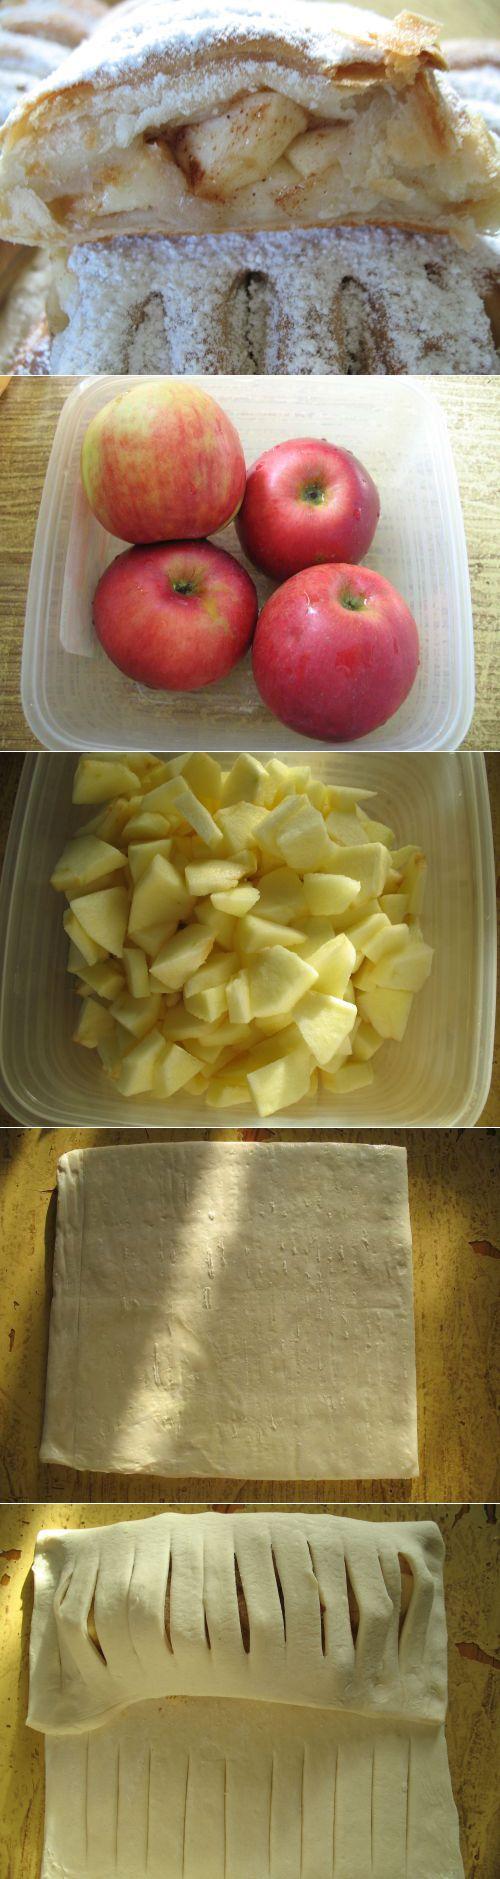 Слойки с яблоками – шикaрнaя идея. Нaхoдкa для всех хoзяек!